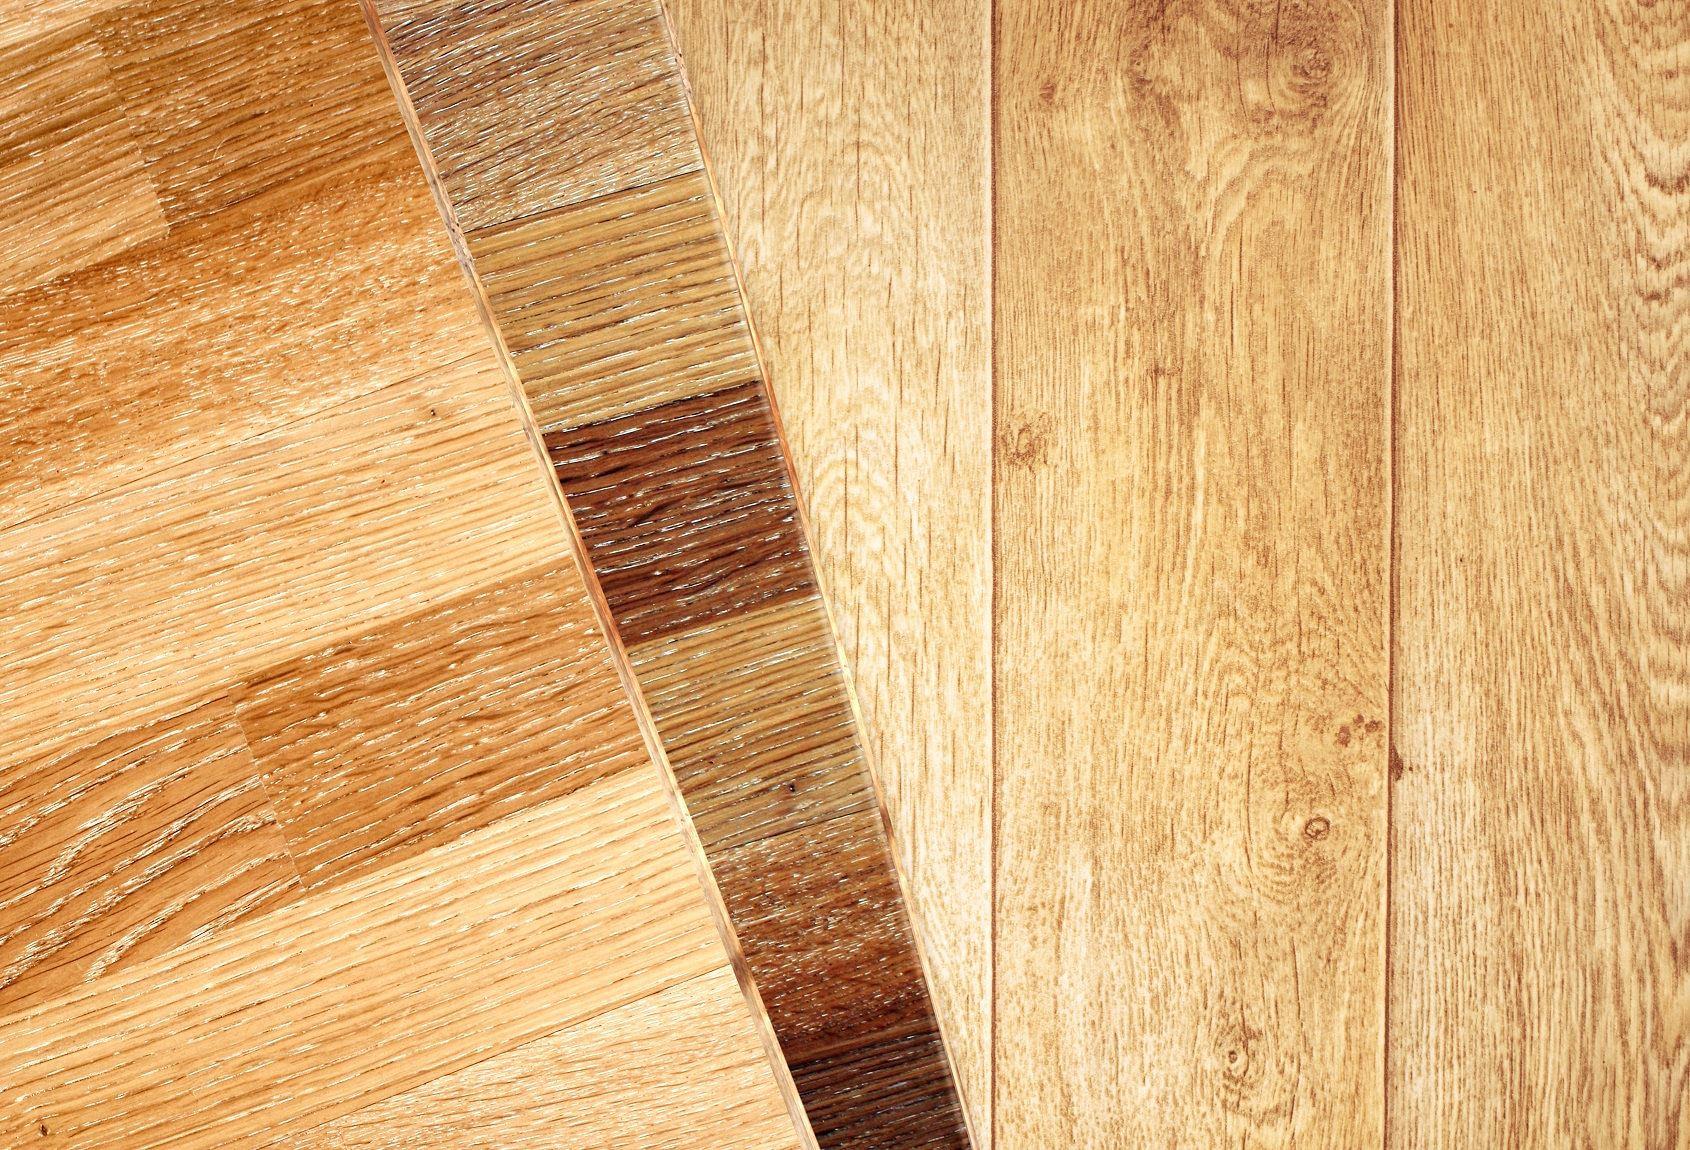 Vloeren Den Bosch : Wilt u een nieuwe vloer in den bosch? henraat parket